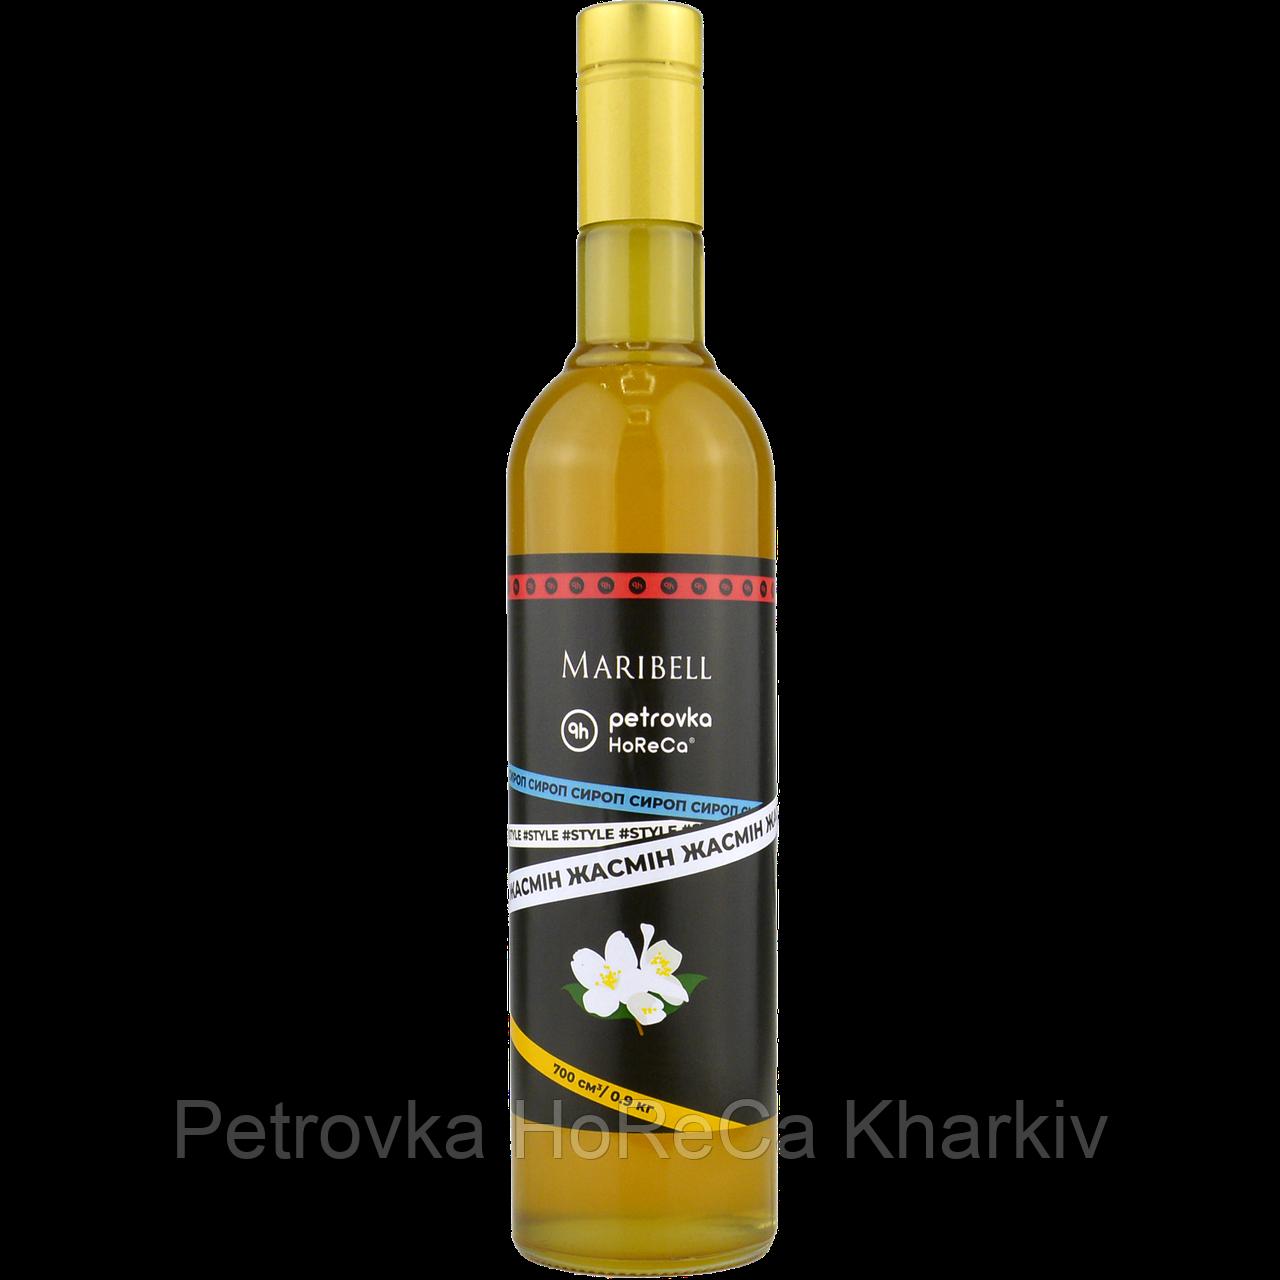 Сироп 'Жасмин' для коктейлей Maribell-Petrovka Horeca 700мл